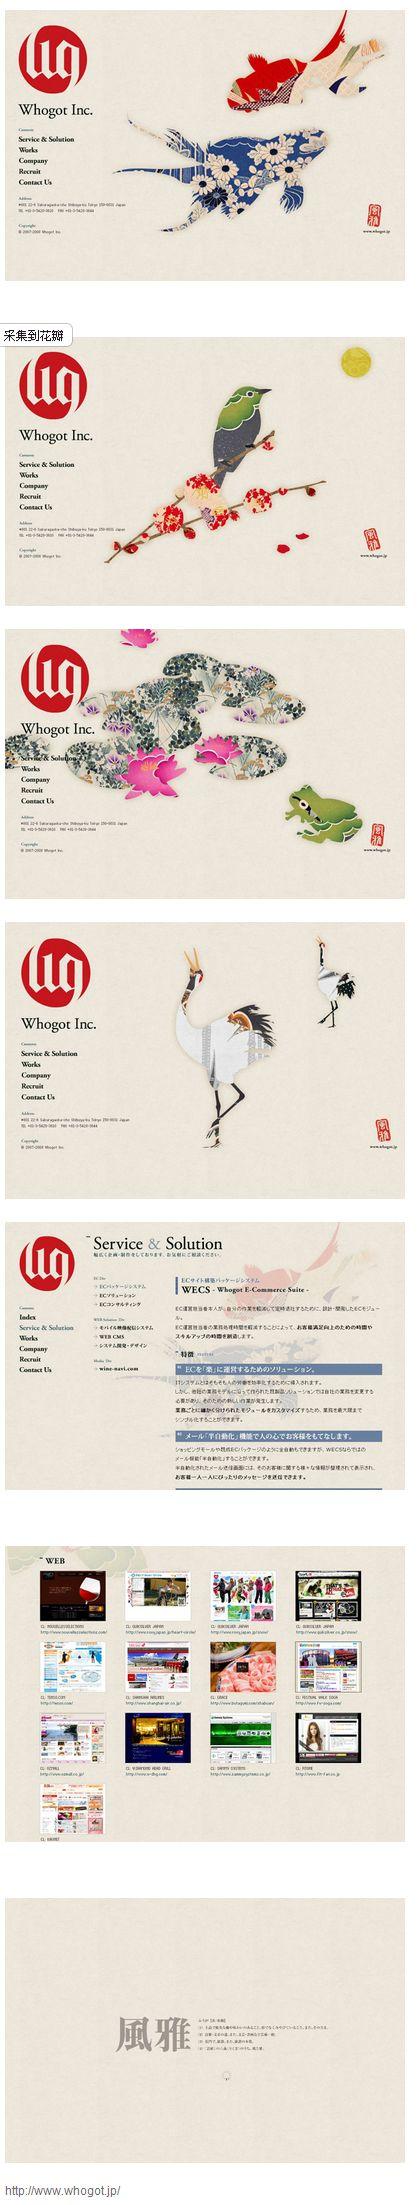 日本水墨风格网站欣赏 - 全球最佳创意网...